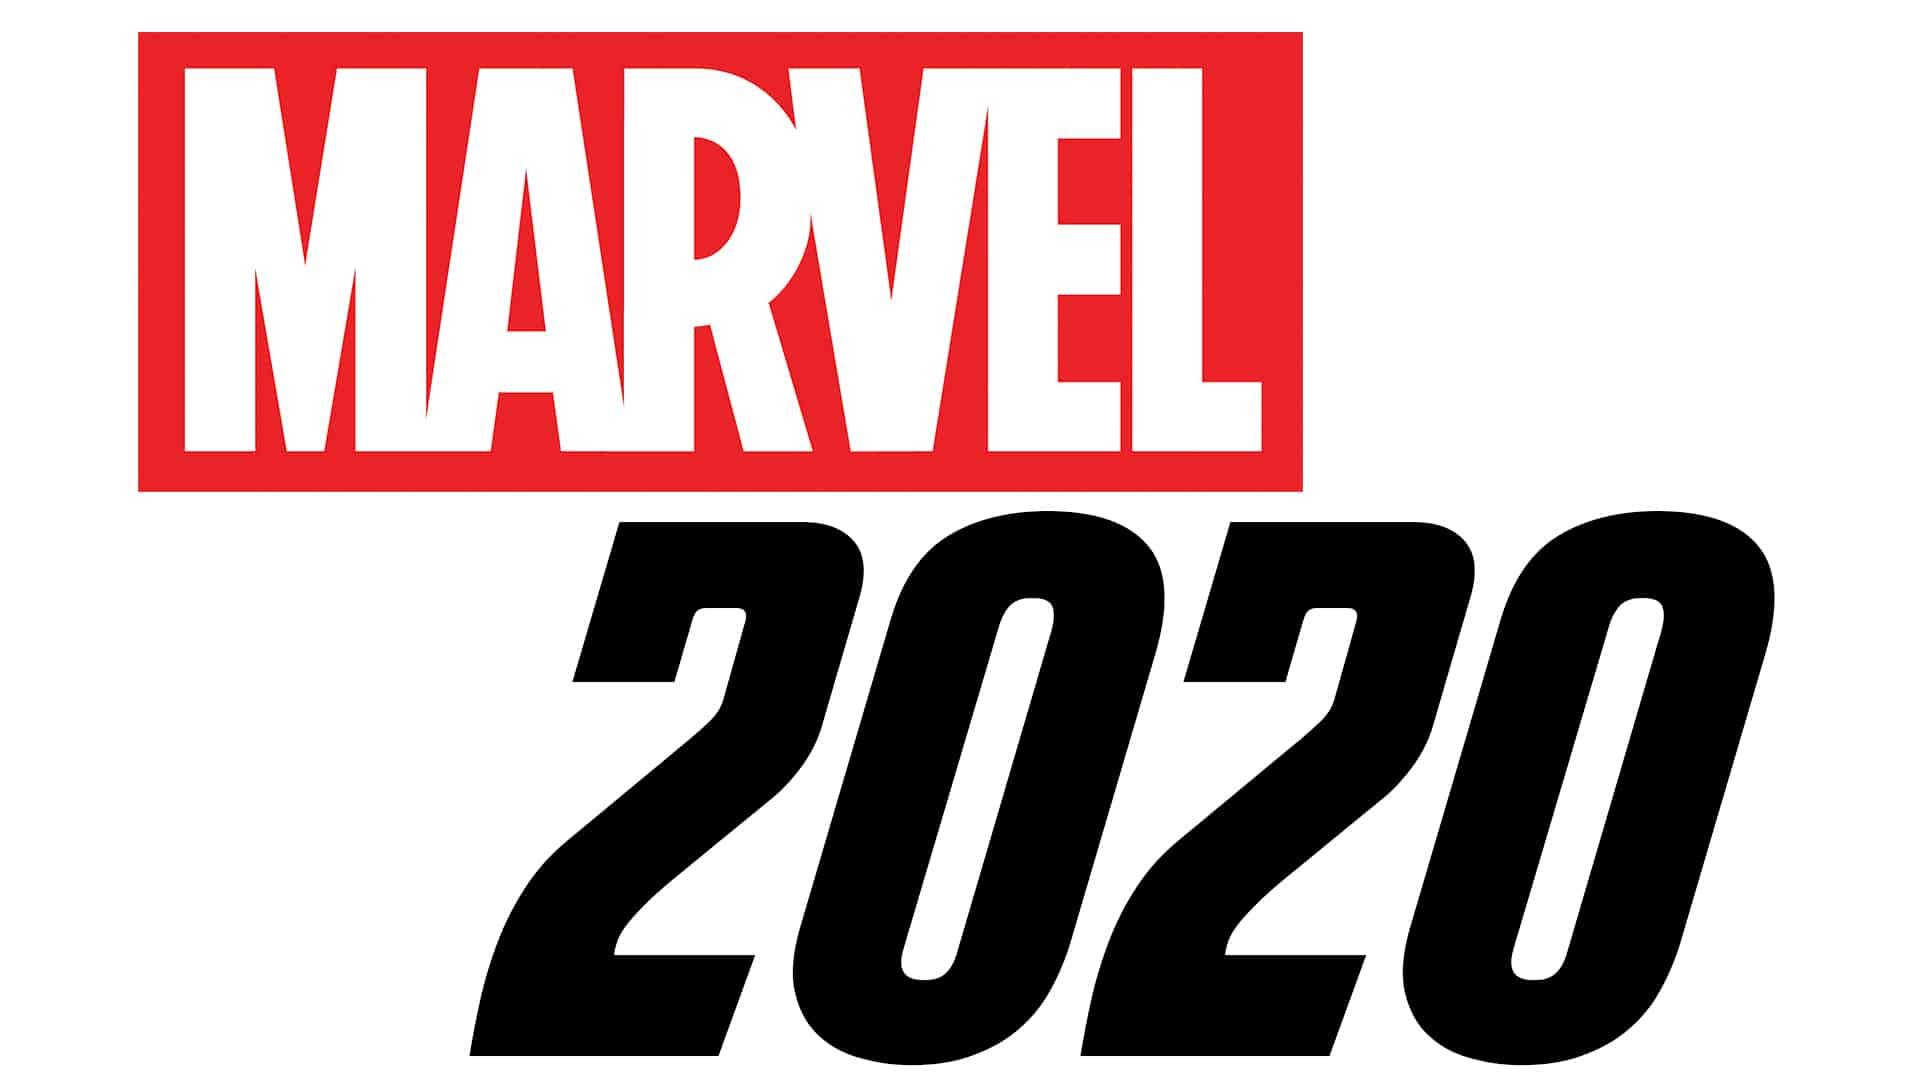 Marvelovky v roku 2020